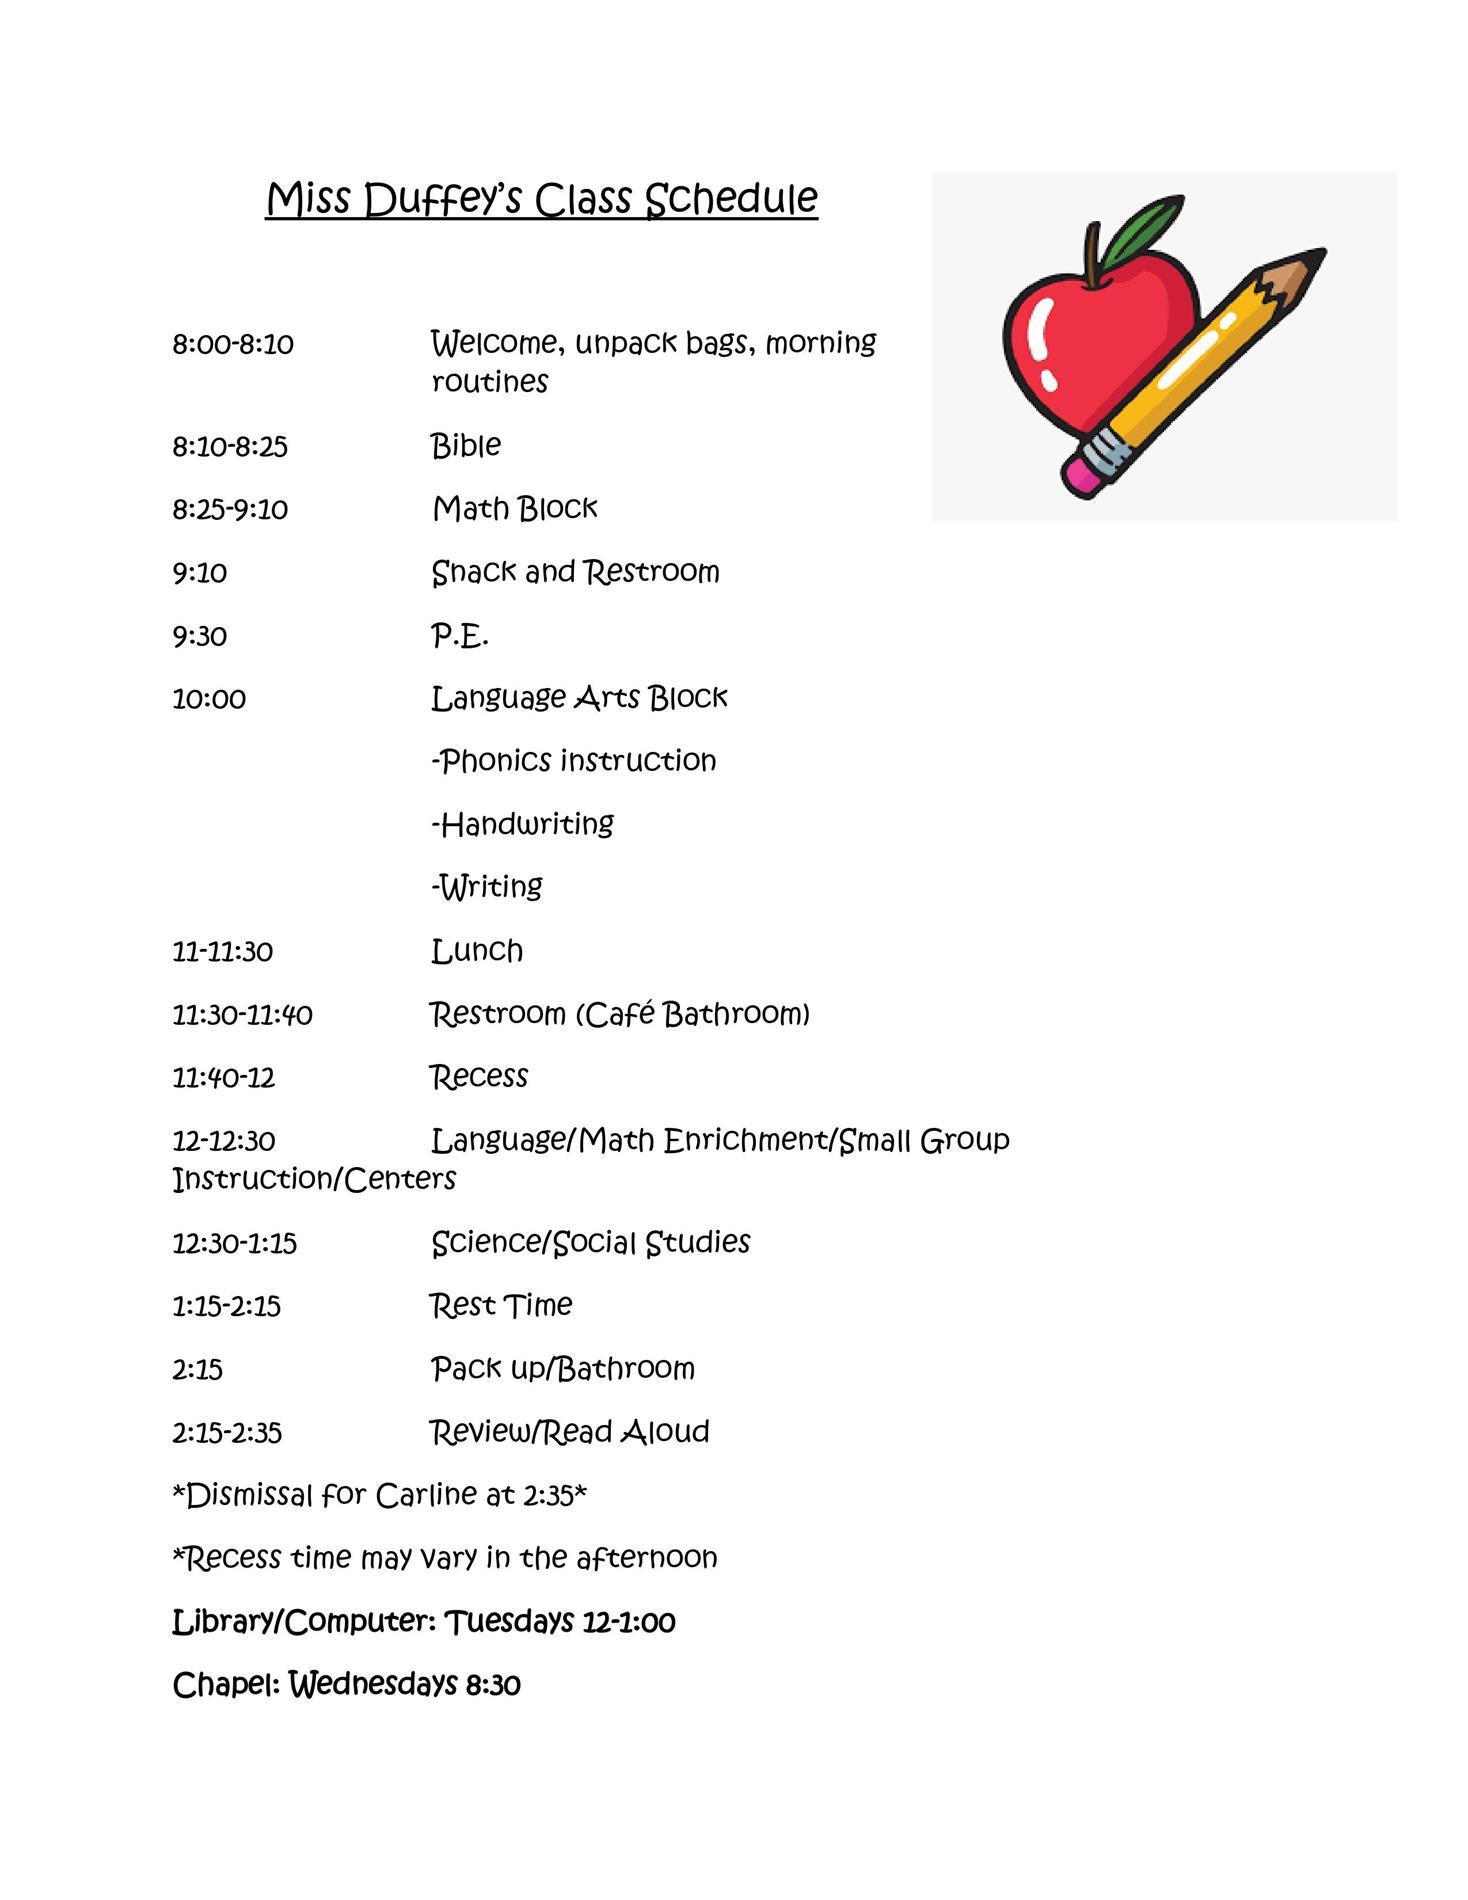 Miss Duffey's class schedule